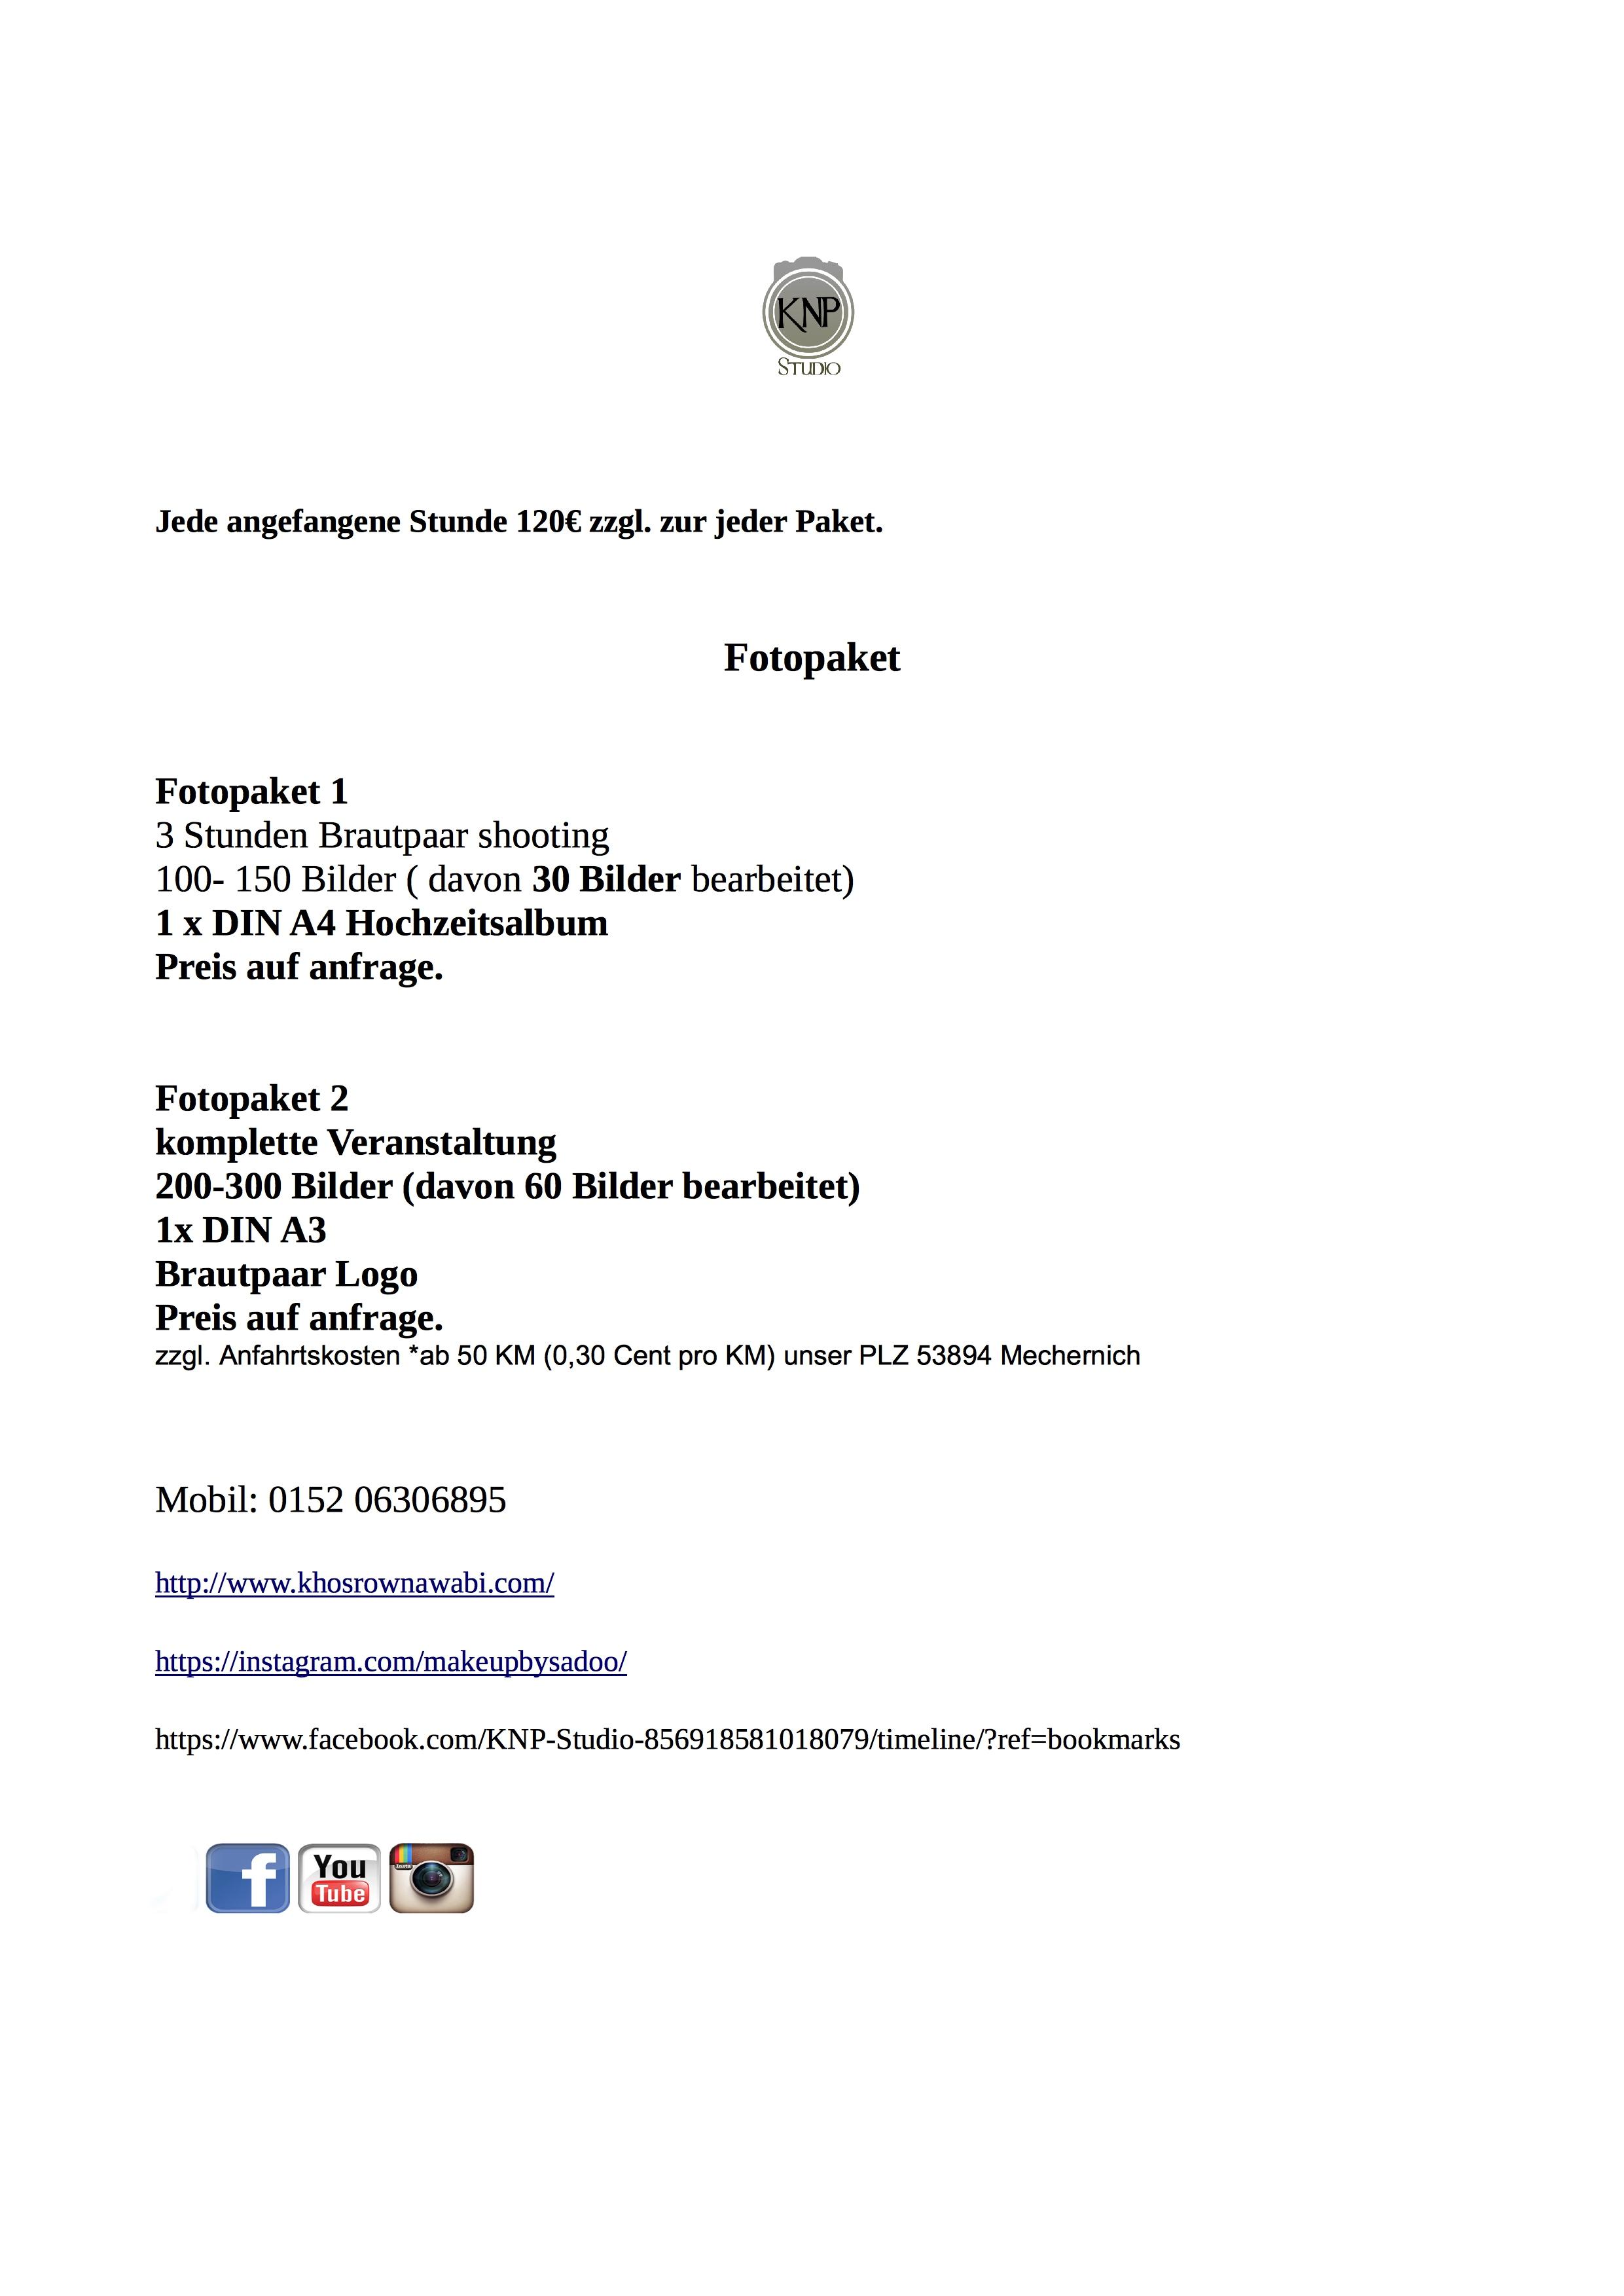 Angebot KNP Preis auf anfrage2